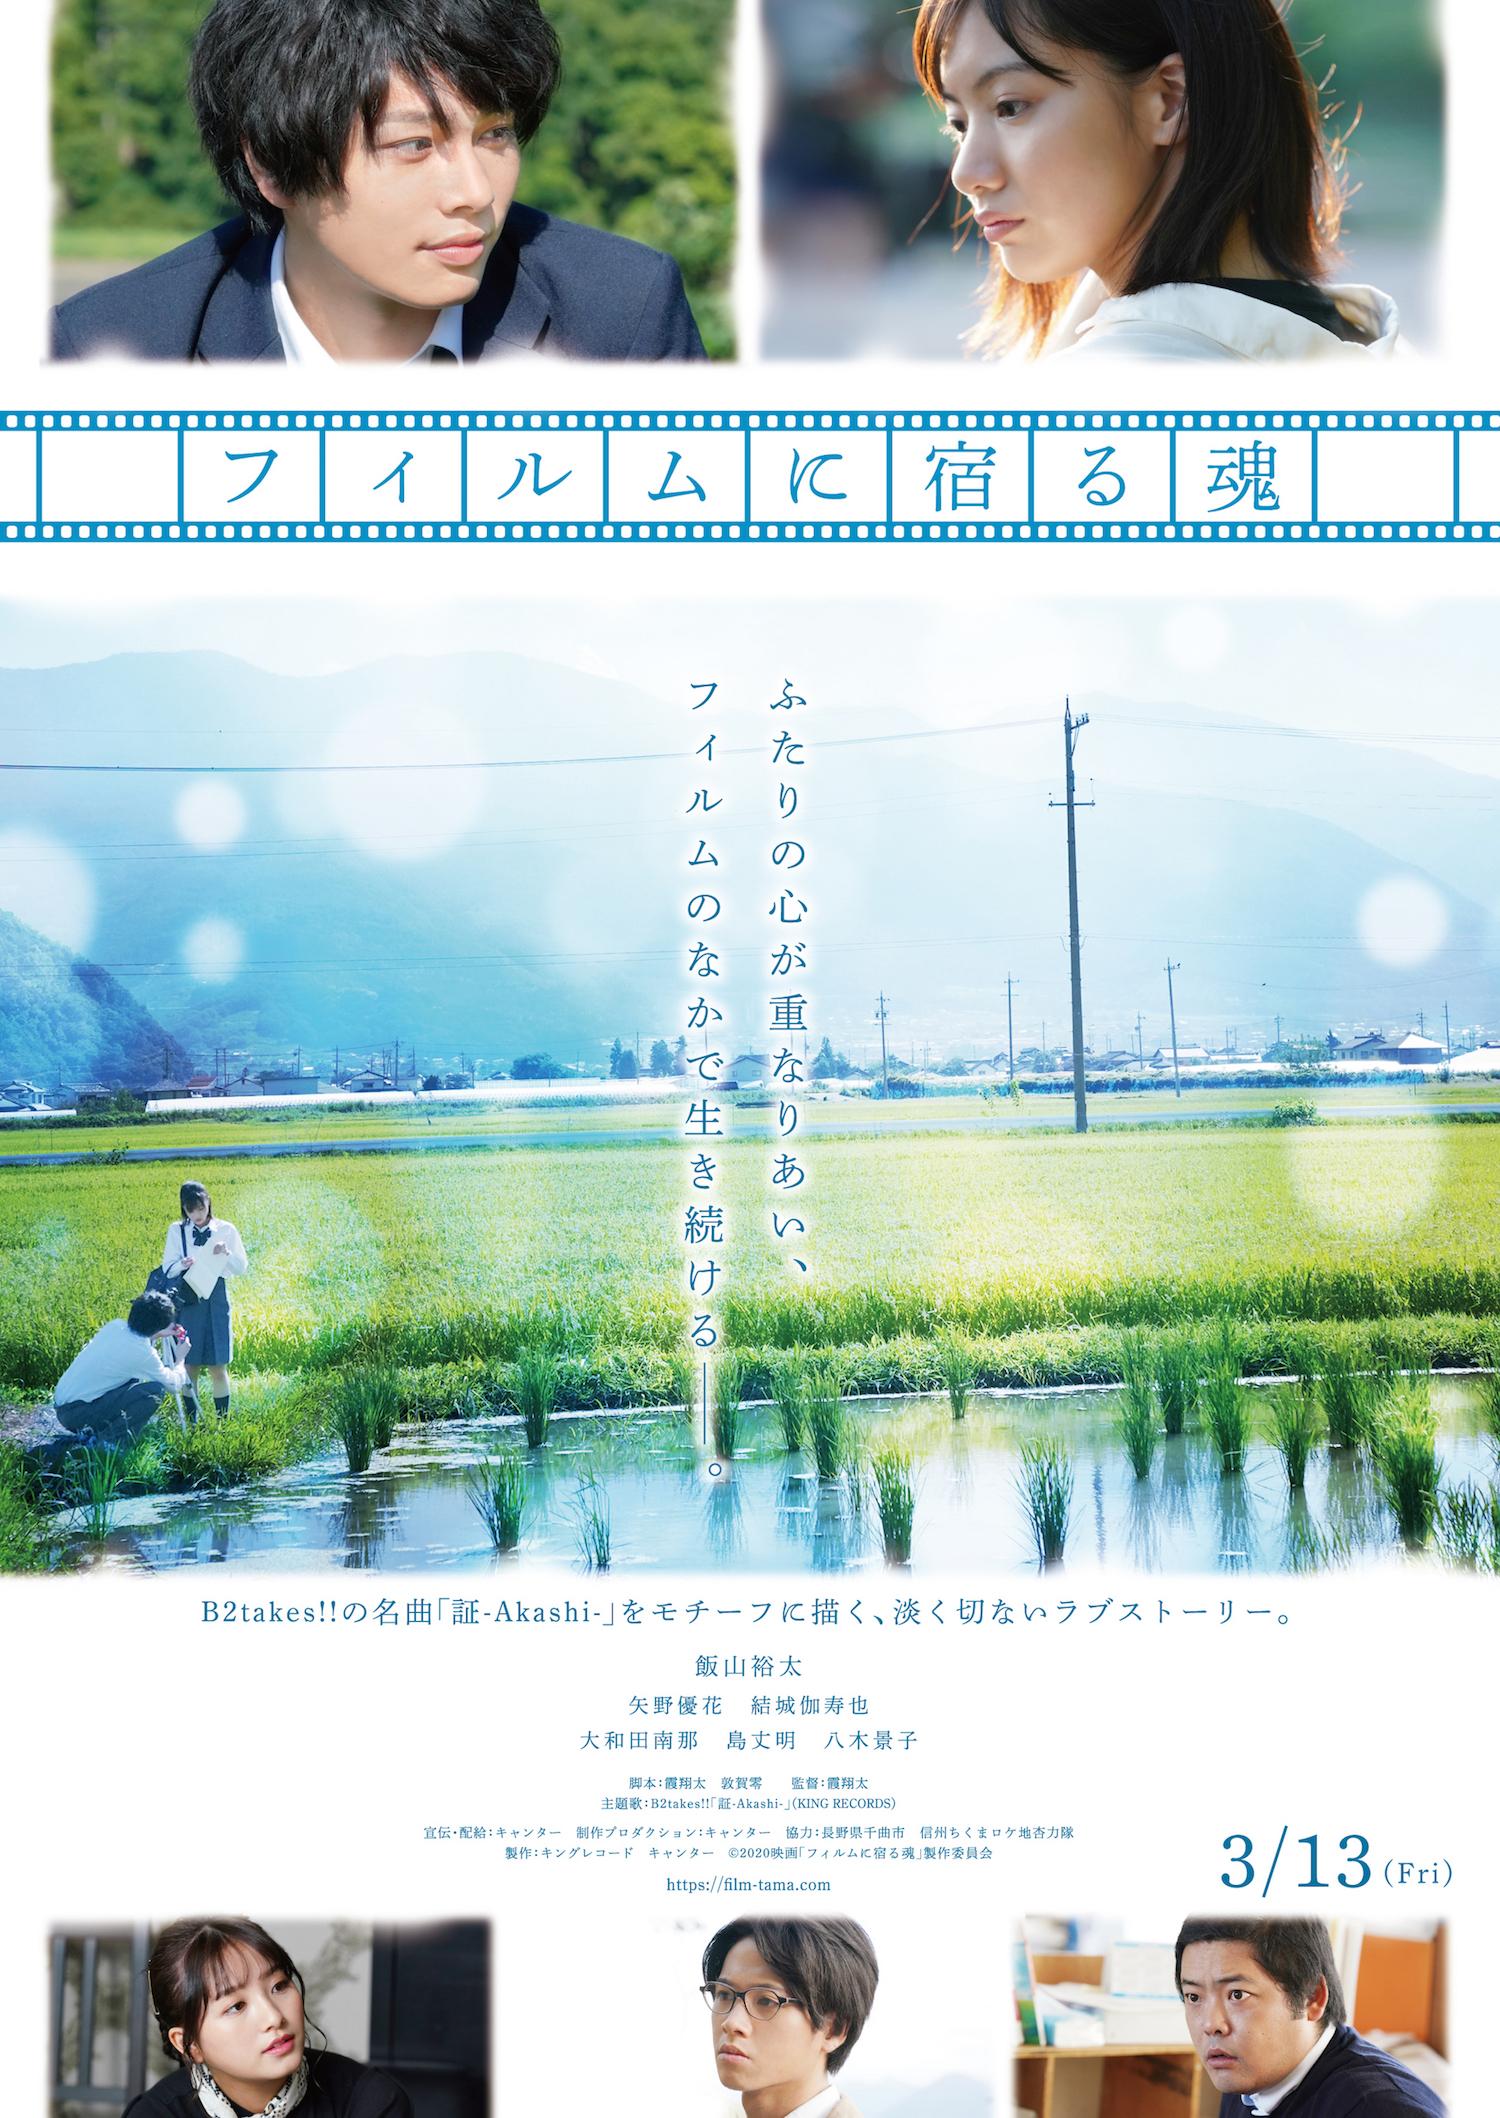 映画『フィルムに宿る魂』ポスタービジュアル